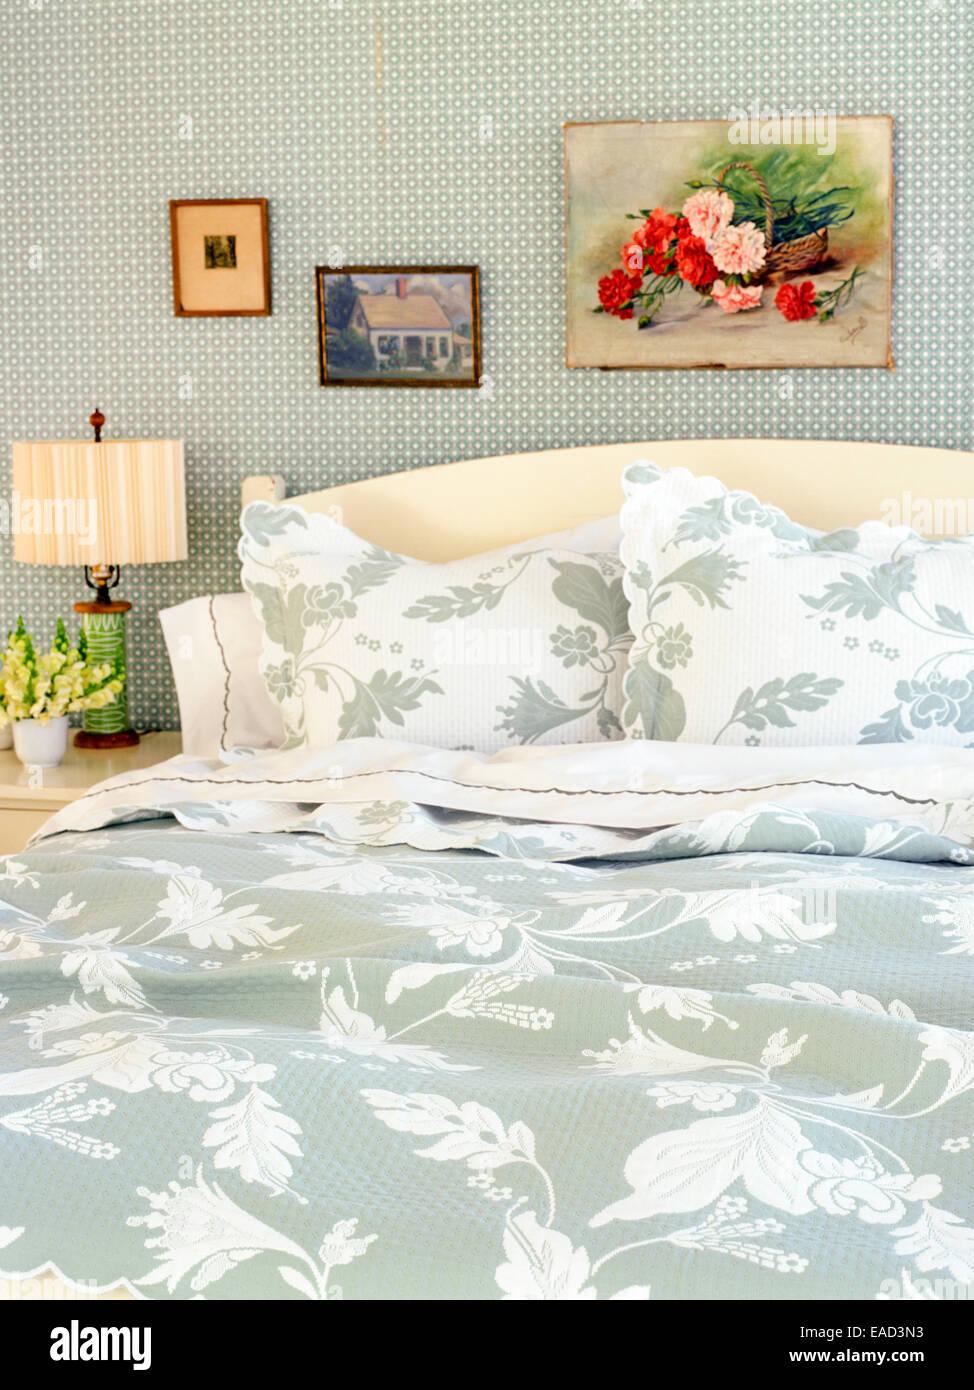 Cama con mantas y almohadas floreadas Imagen De Stock